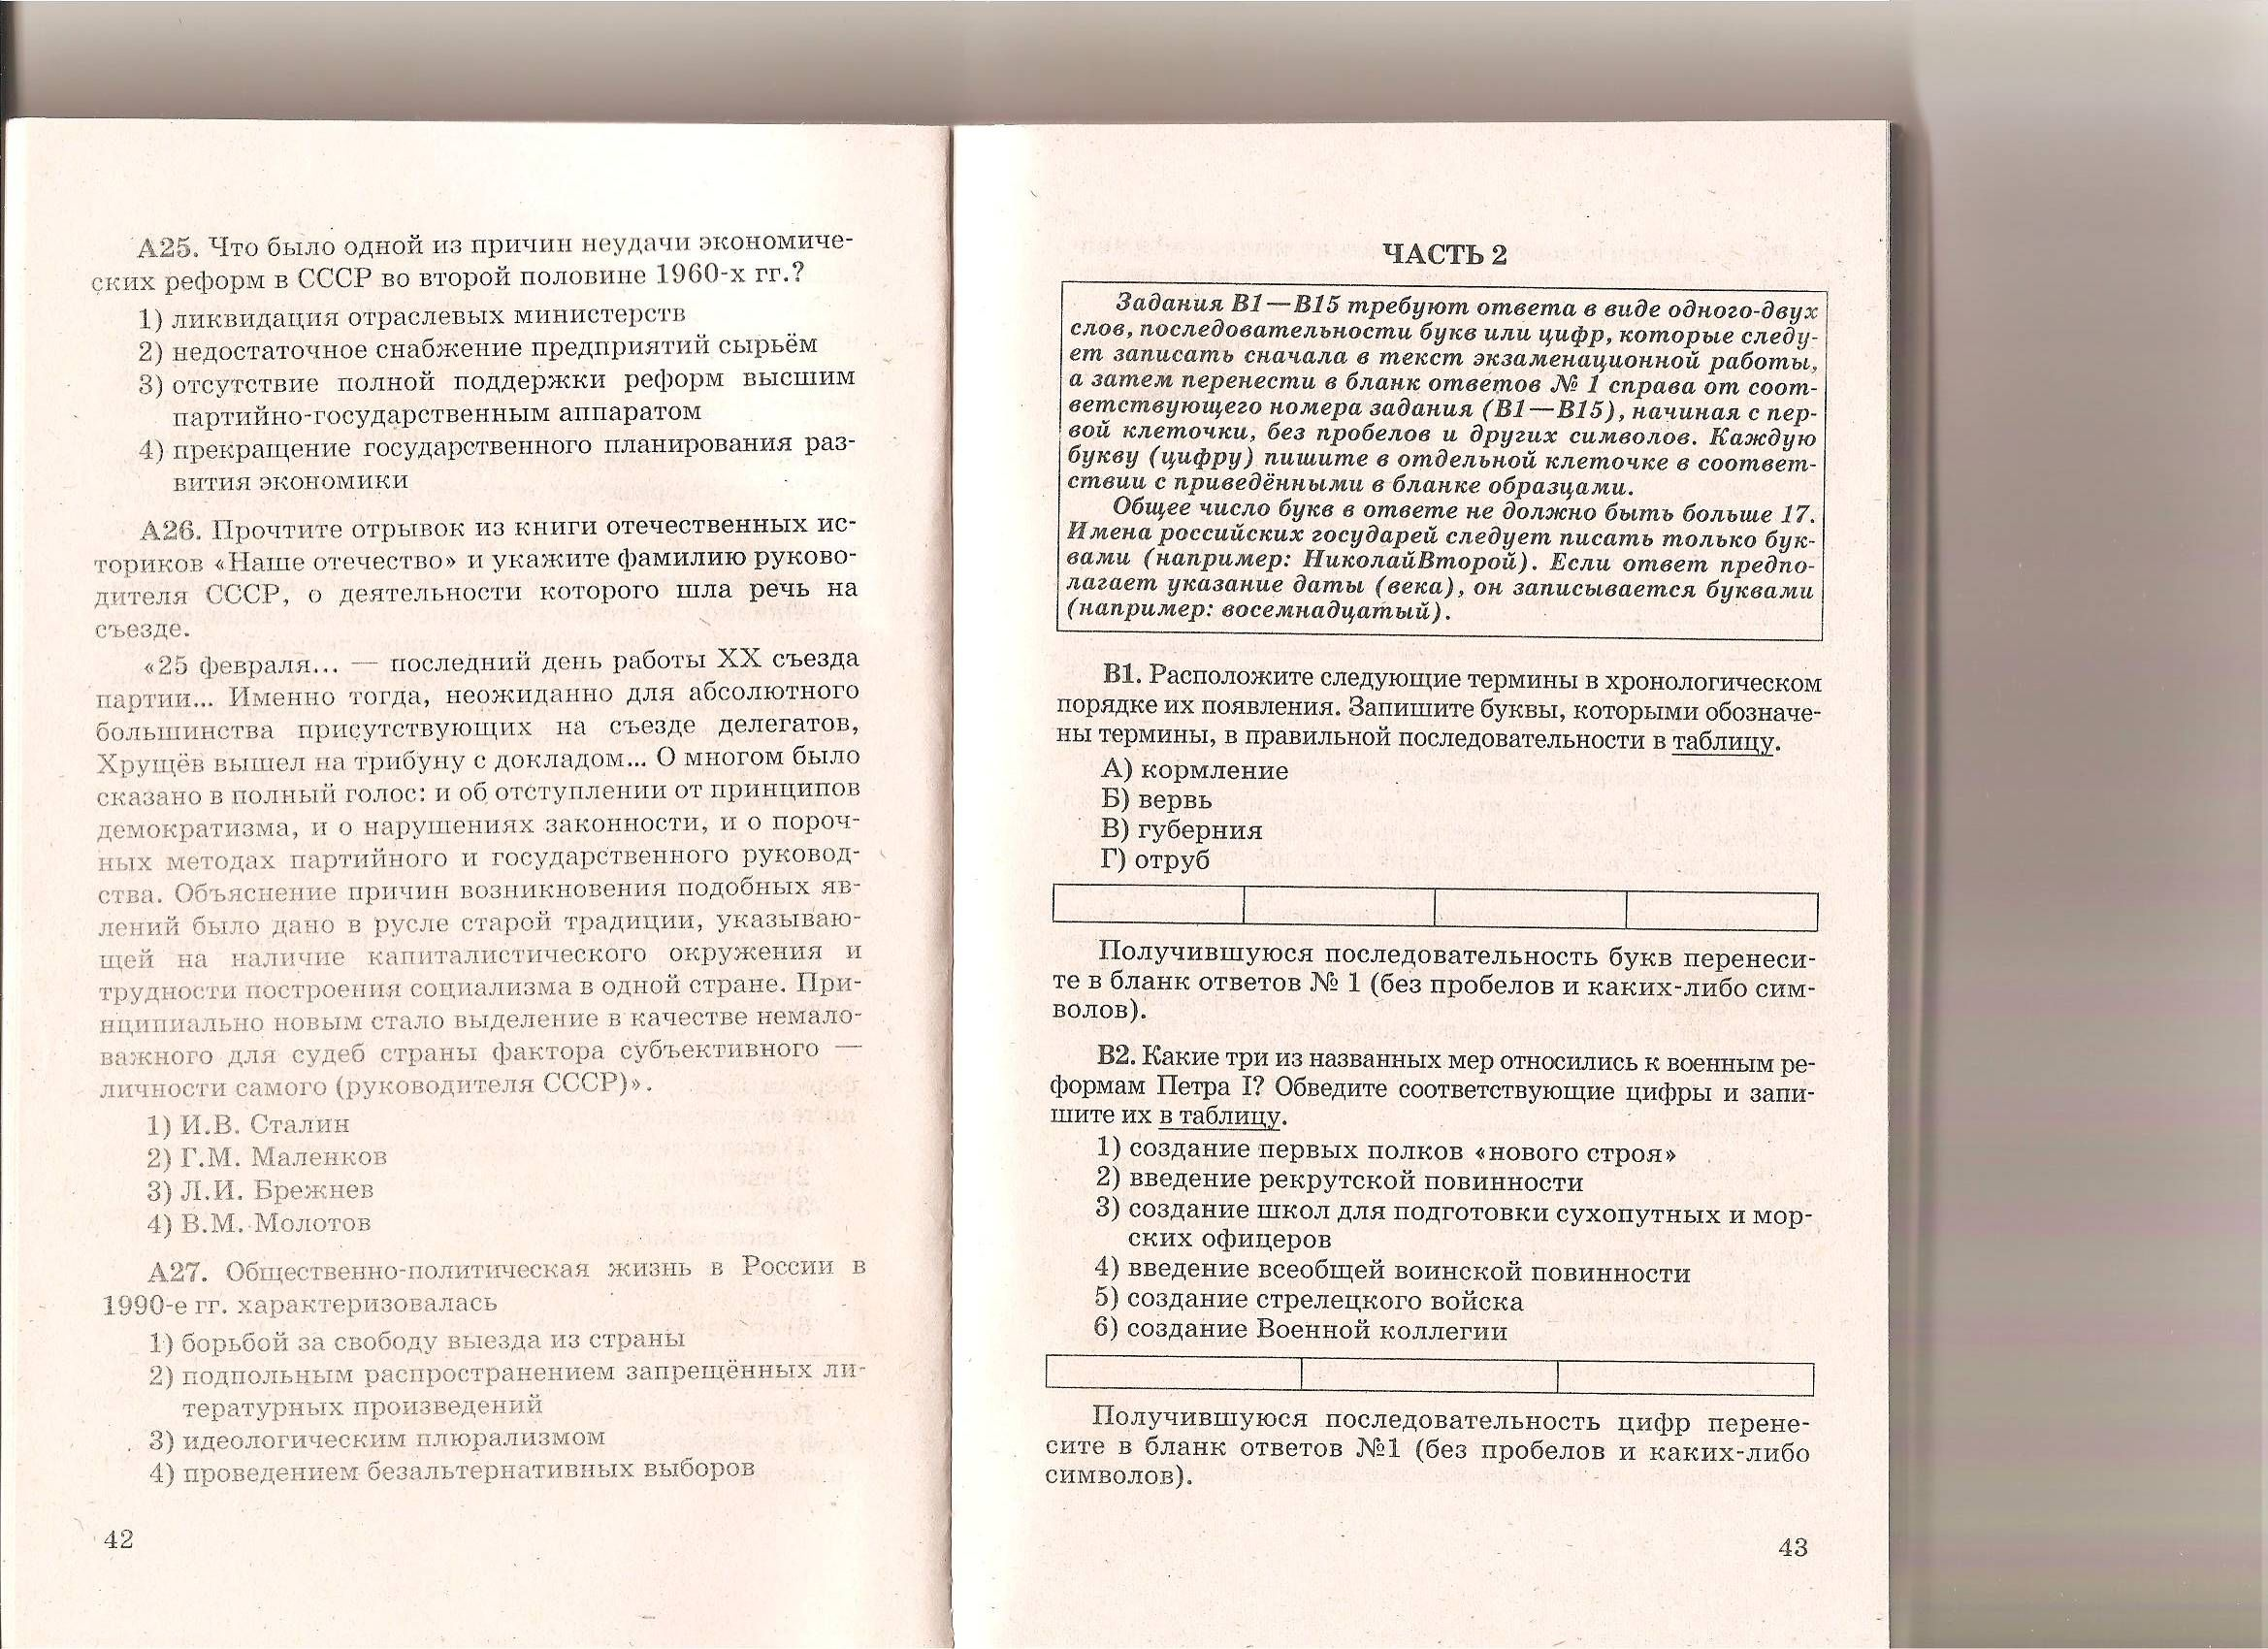 Планы конспекты к урокам по английскому афанасьева 8 класс